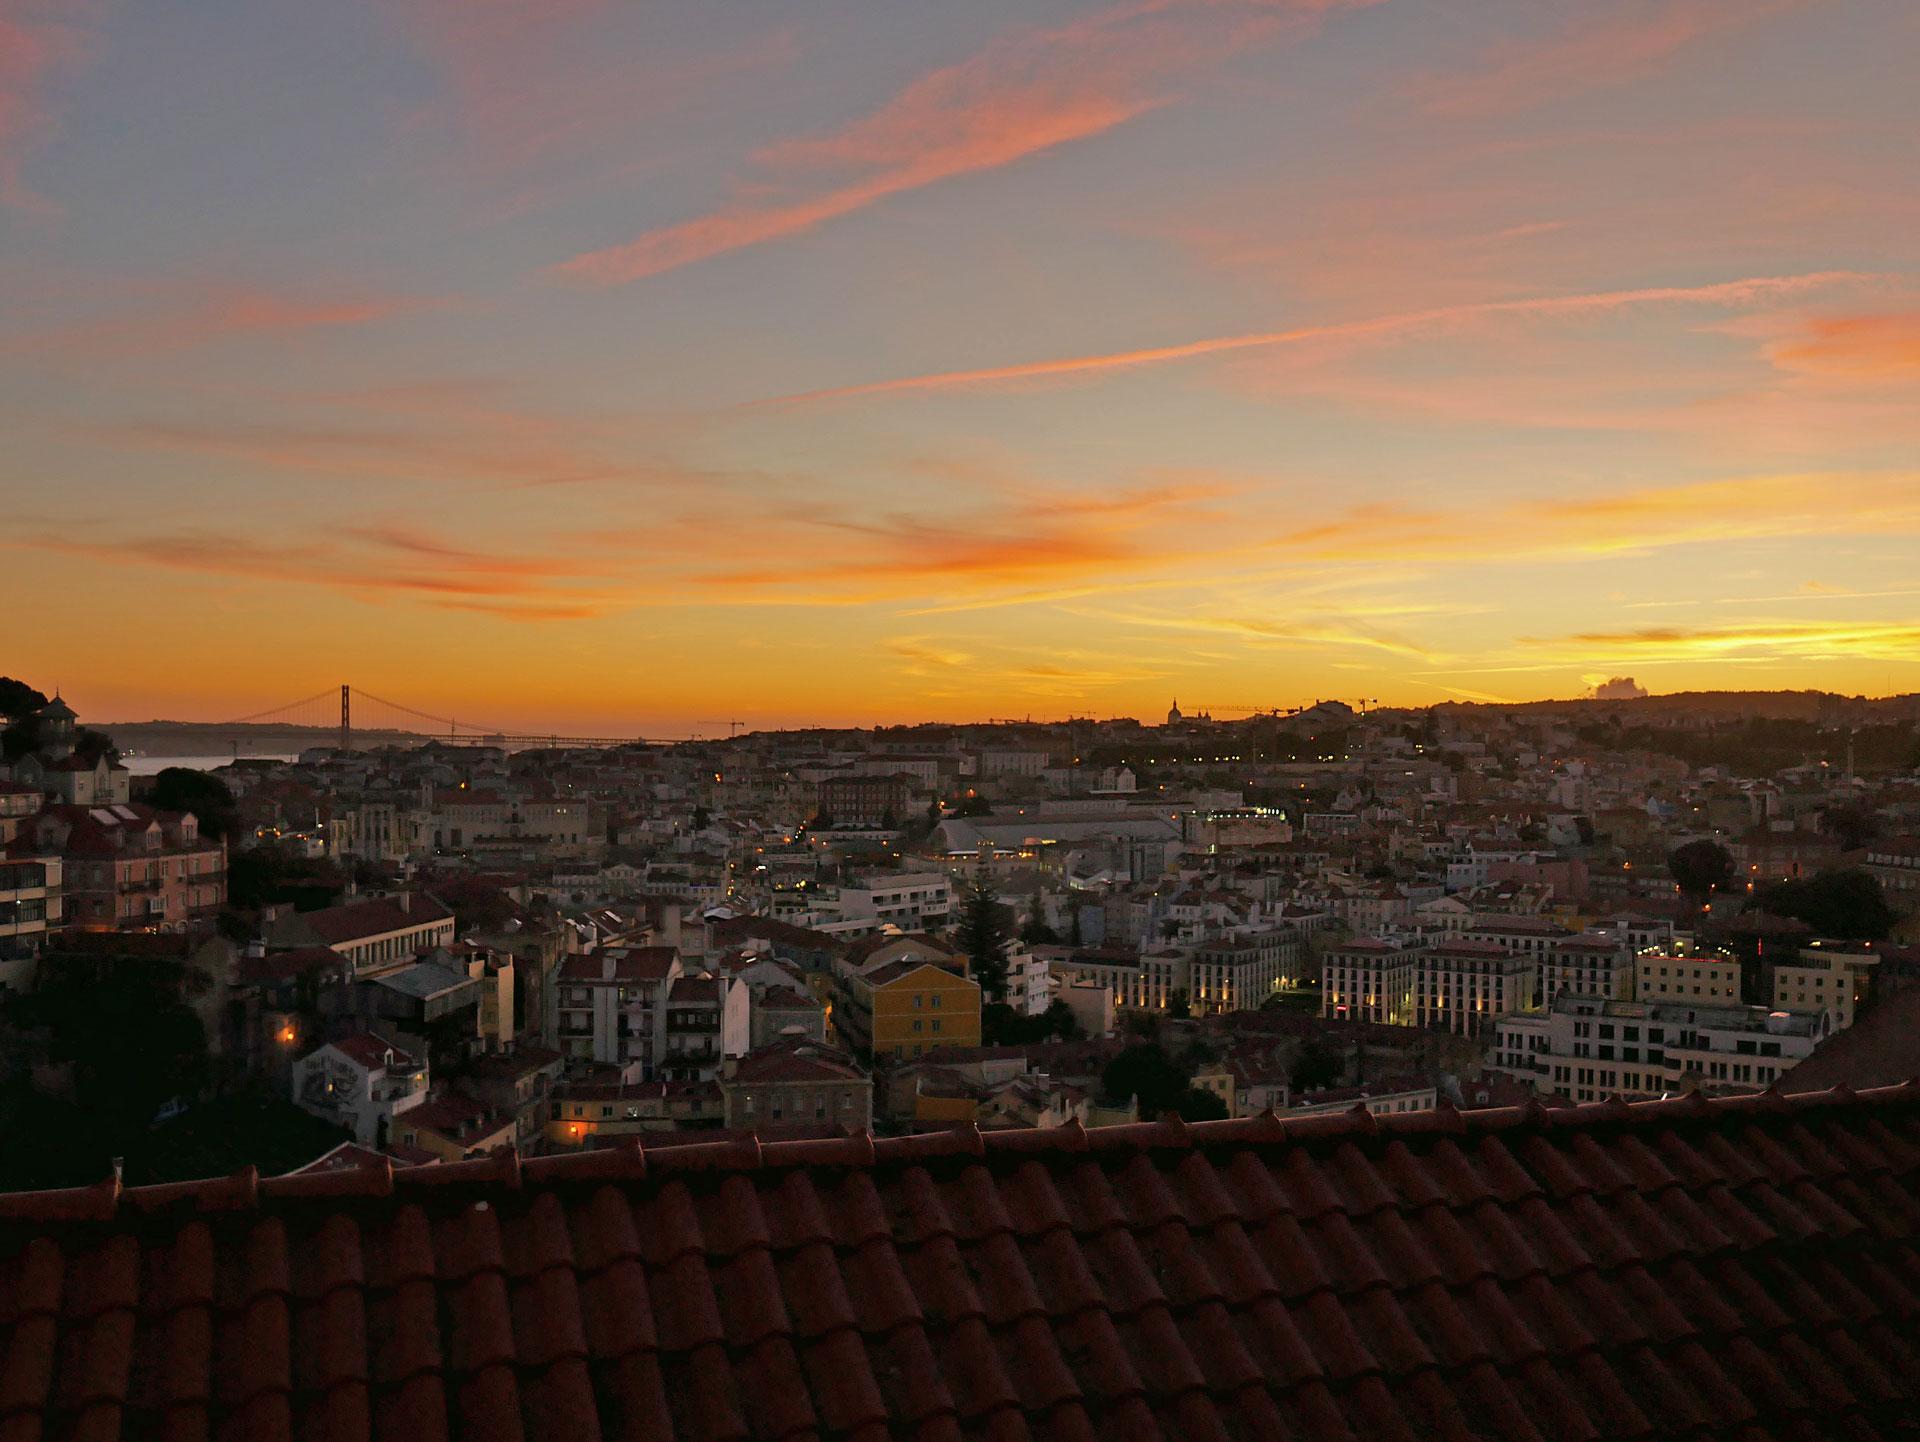 Sunset sky from Sophia de Mello Breyner Andresen viewpoint in Lisbon, Portugal